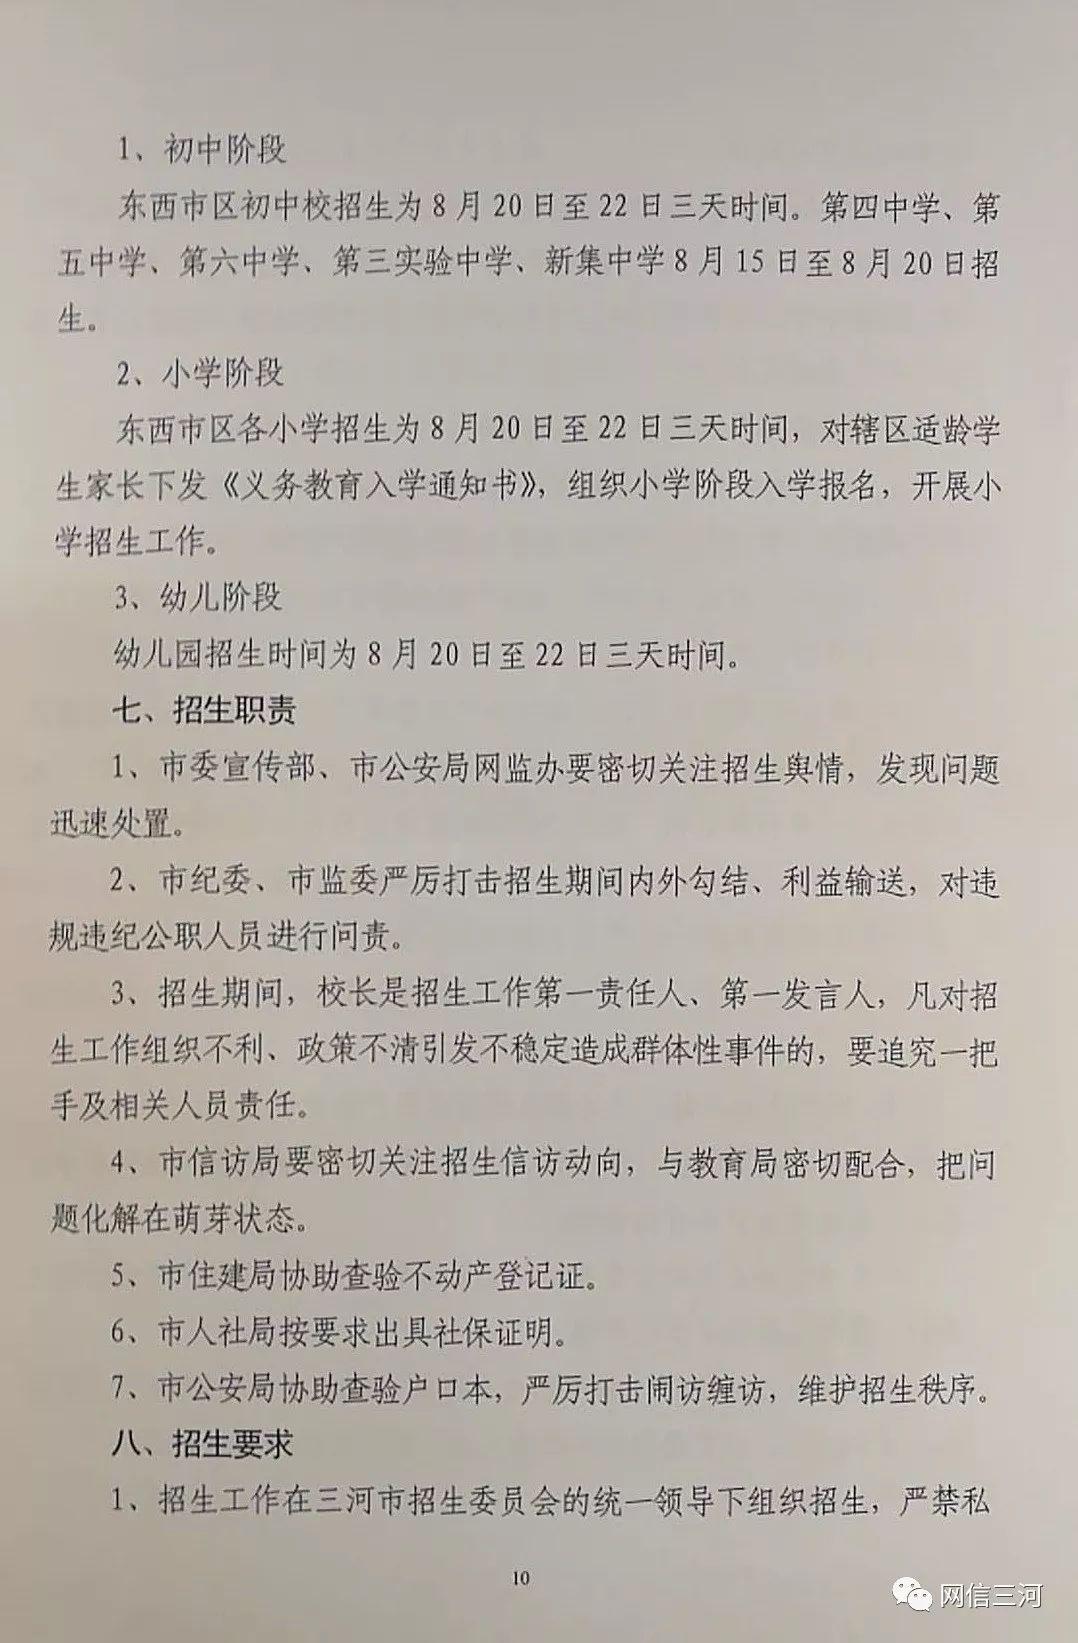 重要!三河、桐林初中、小学v初中方案官方发布梓小学燕郊图片